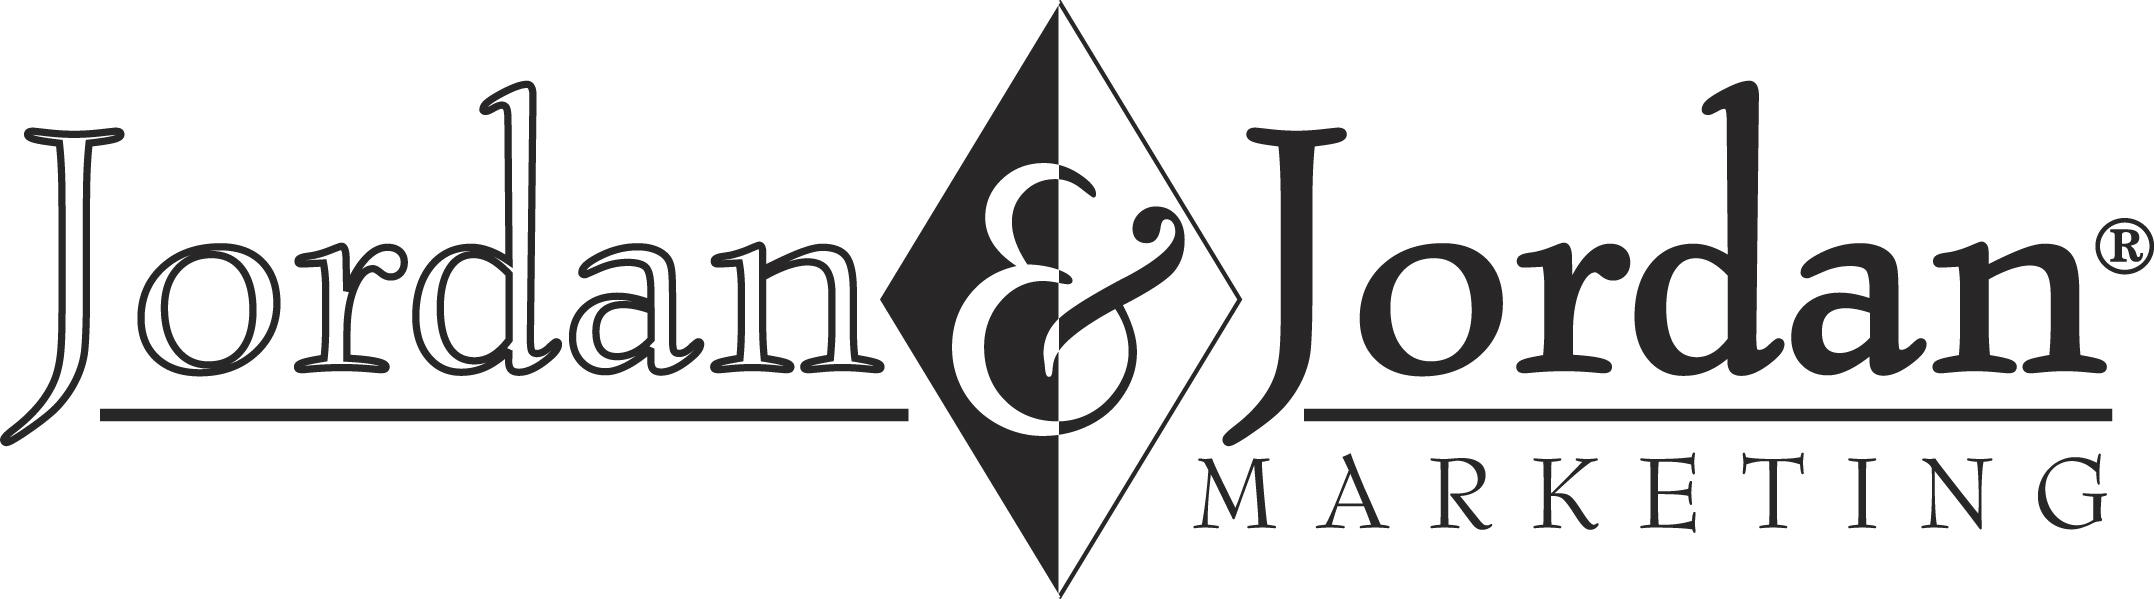 Jordan & Jordan Marketing